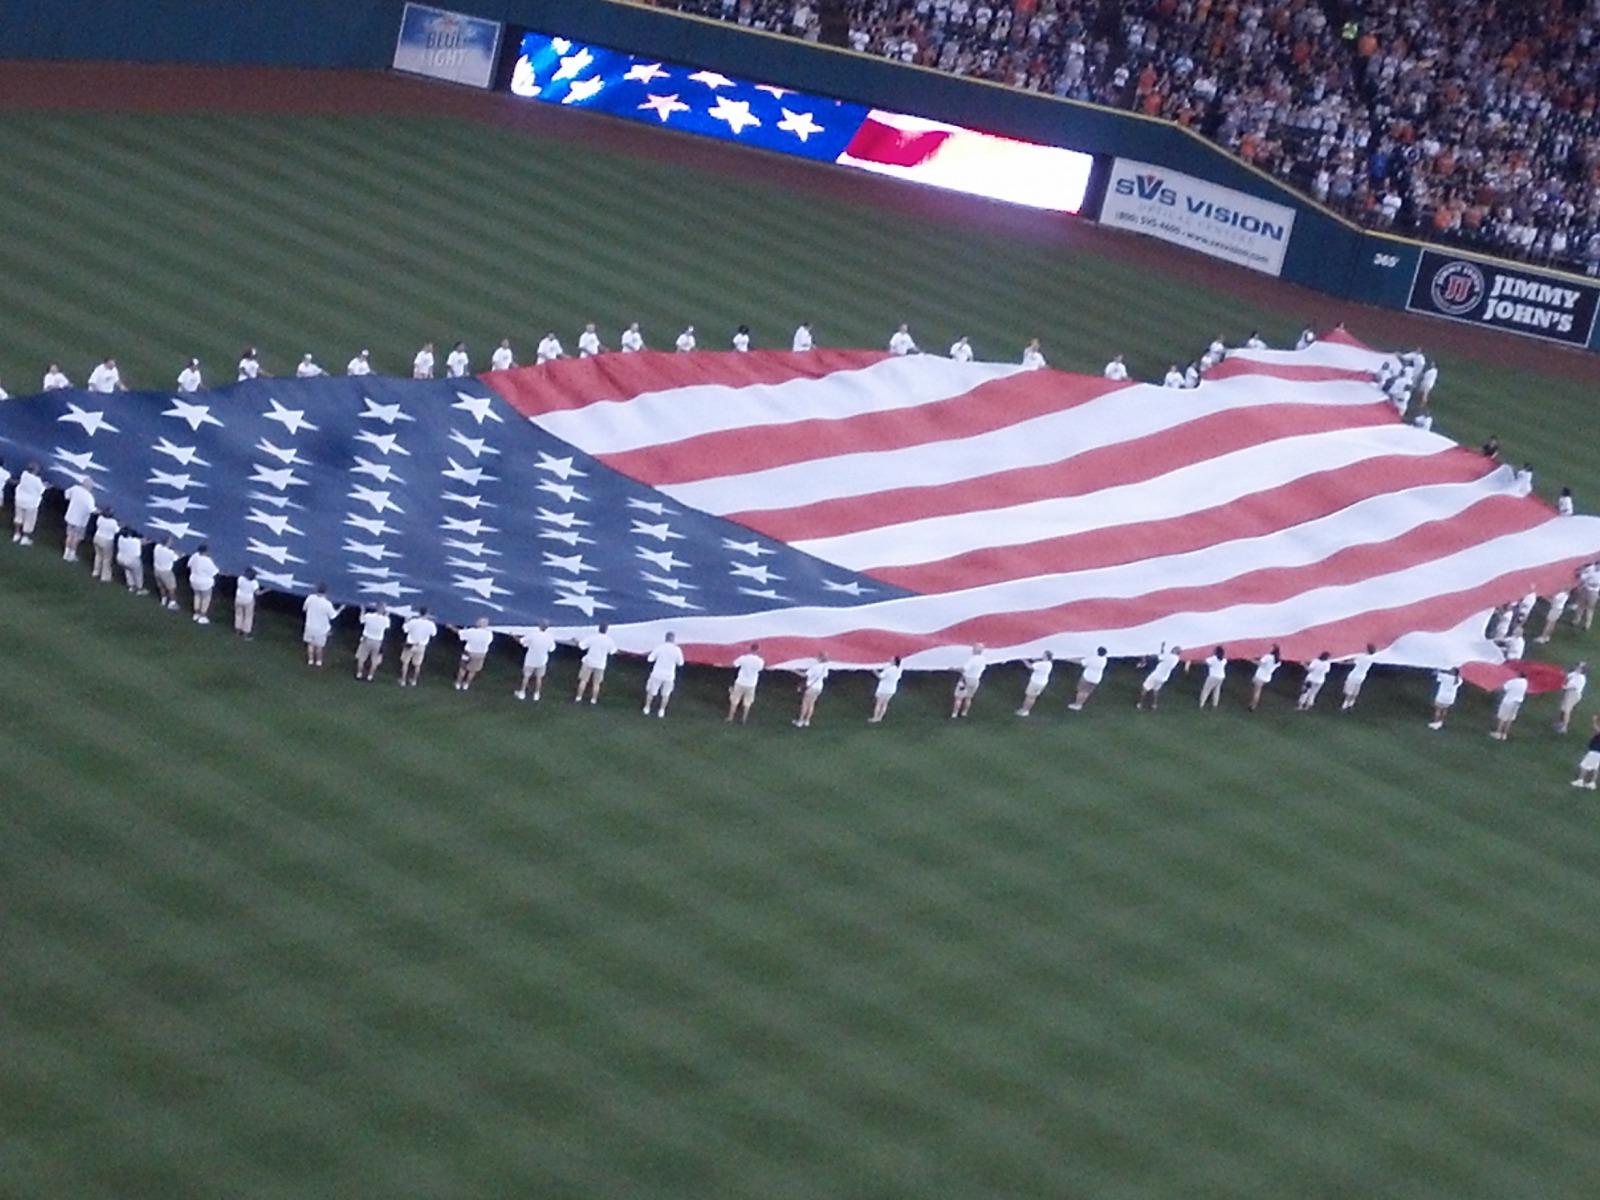 http://2.bp.blogspot.com/-Dx-D_g4gT2A/UOHbUwXvd1I/AAAAAAAAJUw/QszyOysWg-I/s1600/Detroit_Tigers_American_Flag_Comerica_Park_Baseball_Hd_Desktop_Wallpaper_citiesandteams.blogspot.com.jpg